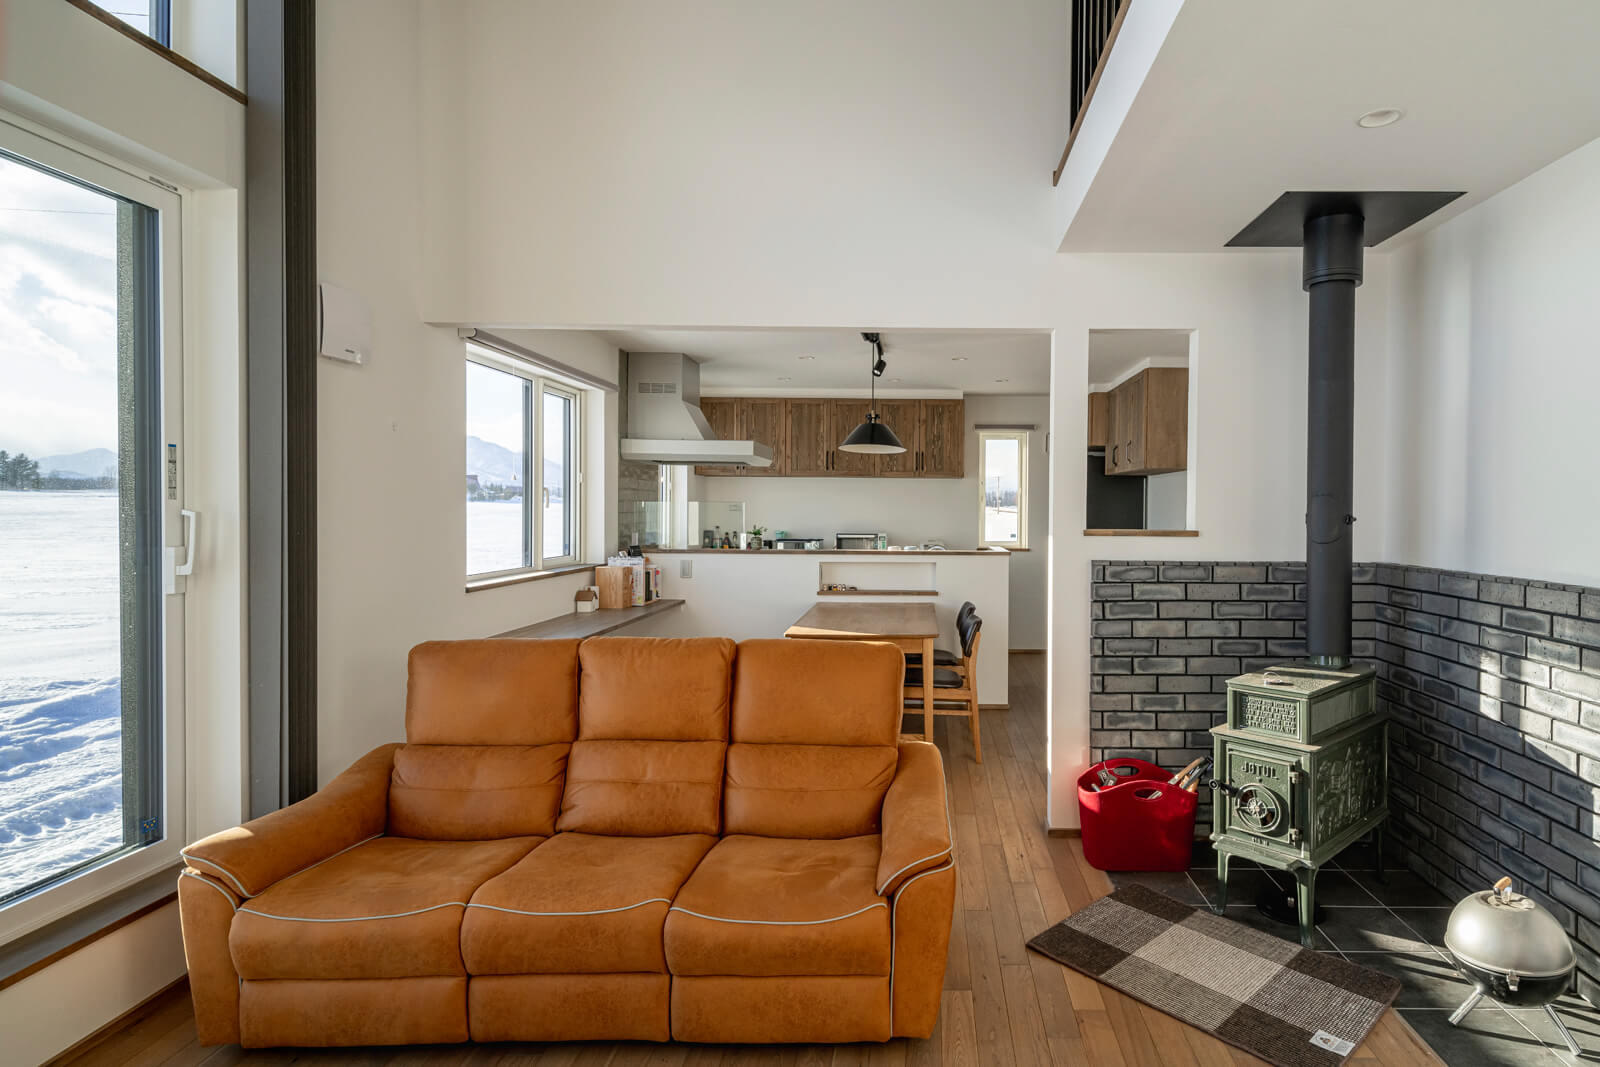 Mさん宅の主暖房は、リビングに設置した薪ストーブ。寒冷地用エアコンも併設しているので、春や秋などはエアコン暖房で室温調整ができる